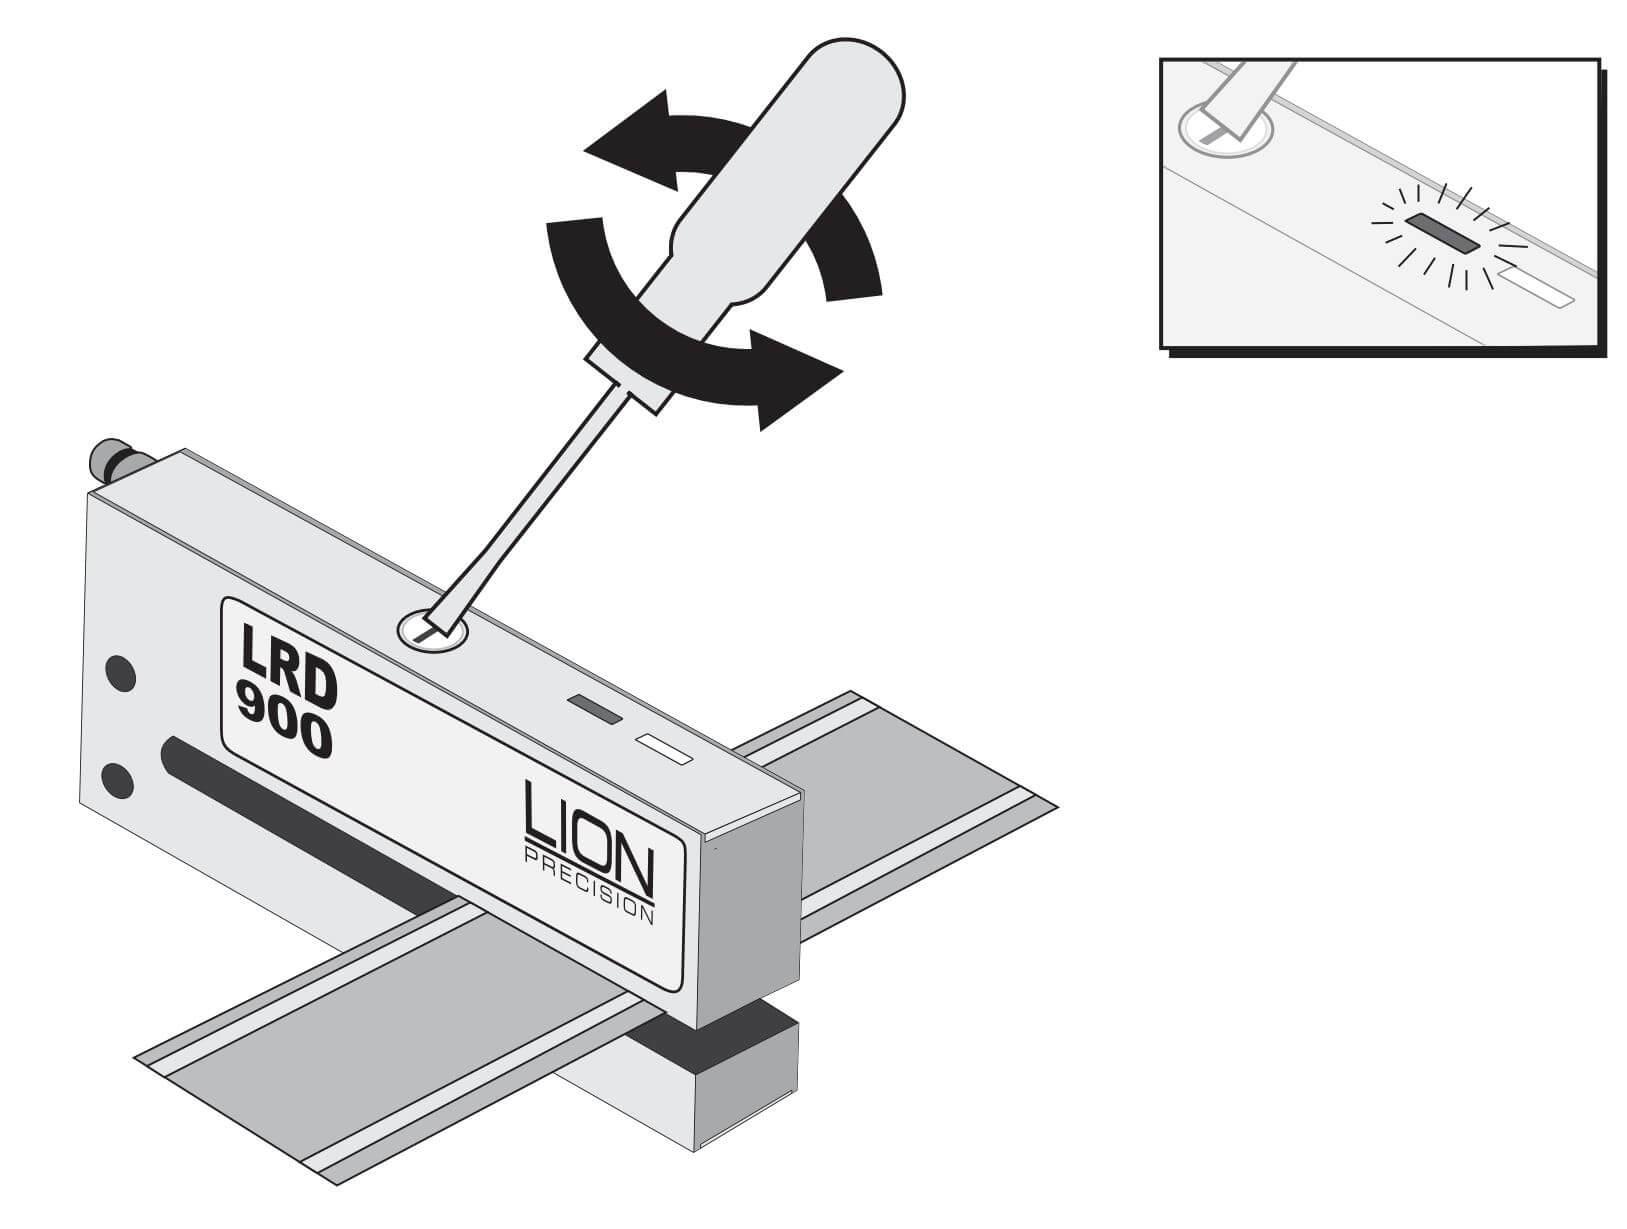 LRD900ステップ2